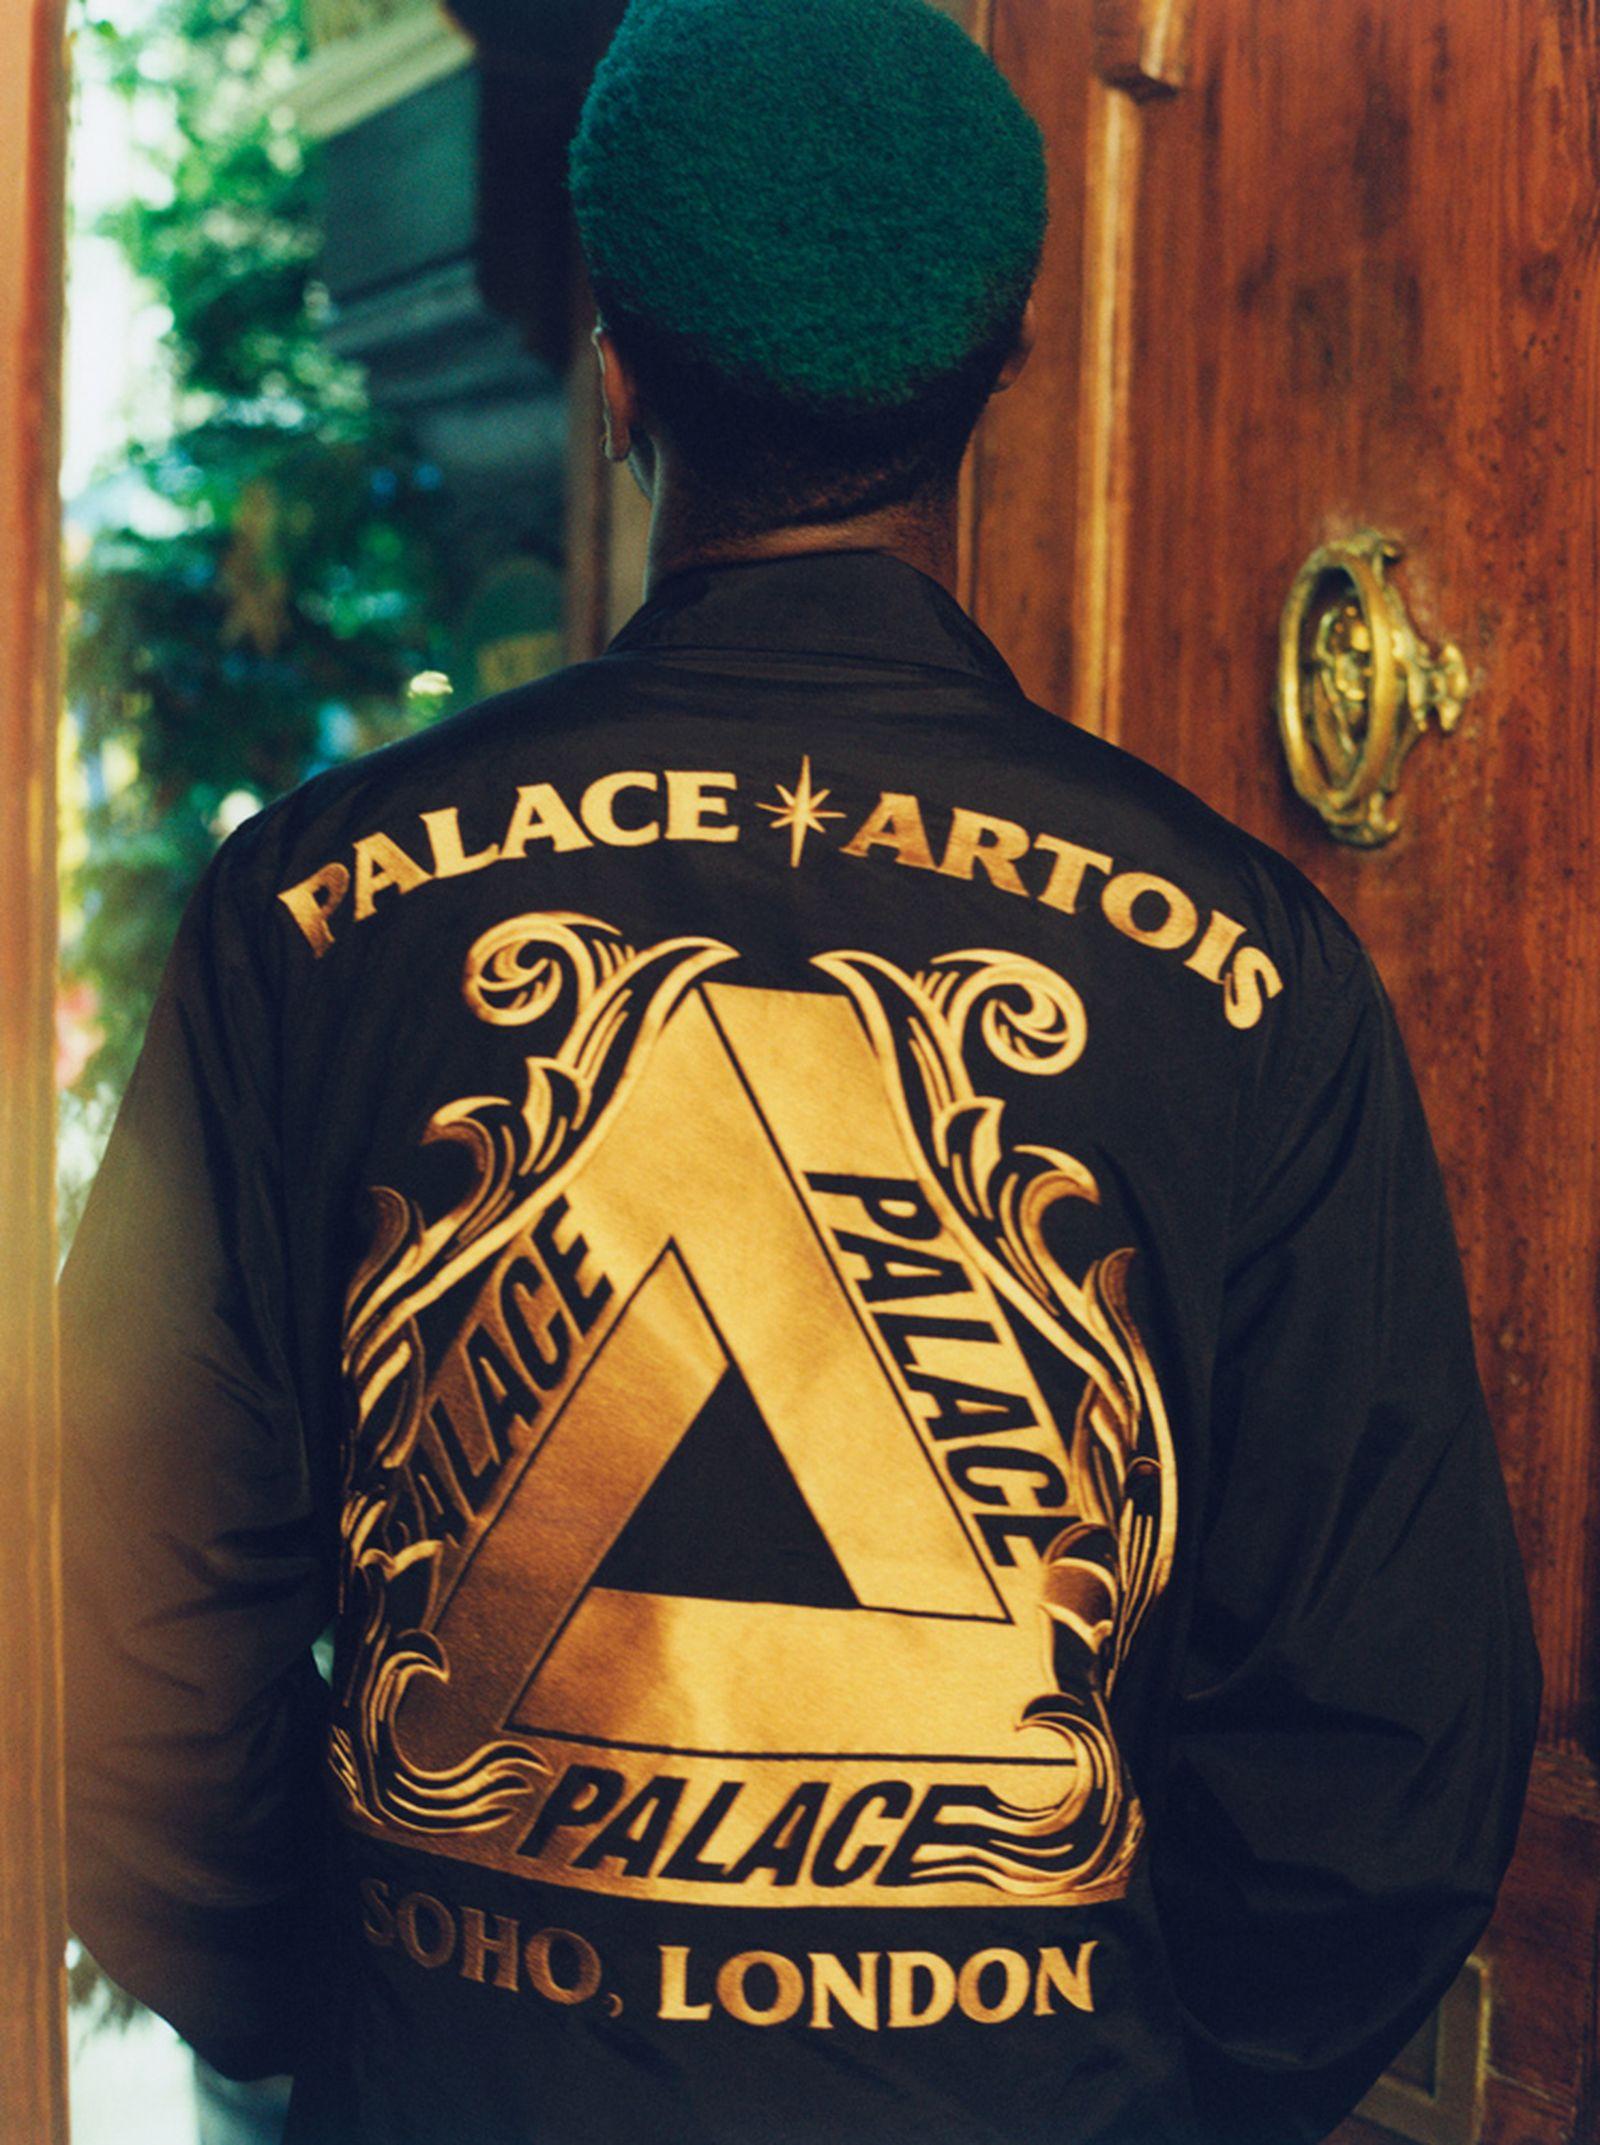 palace-stella-8